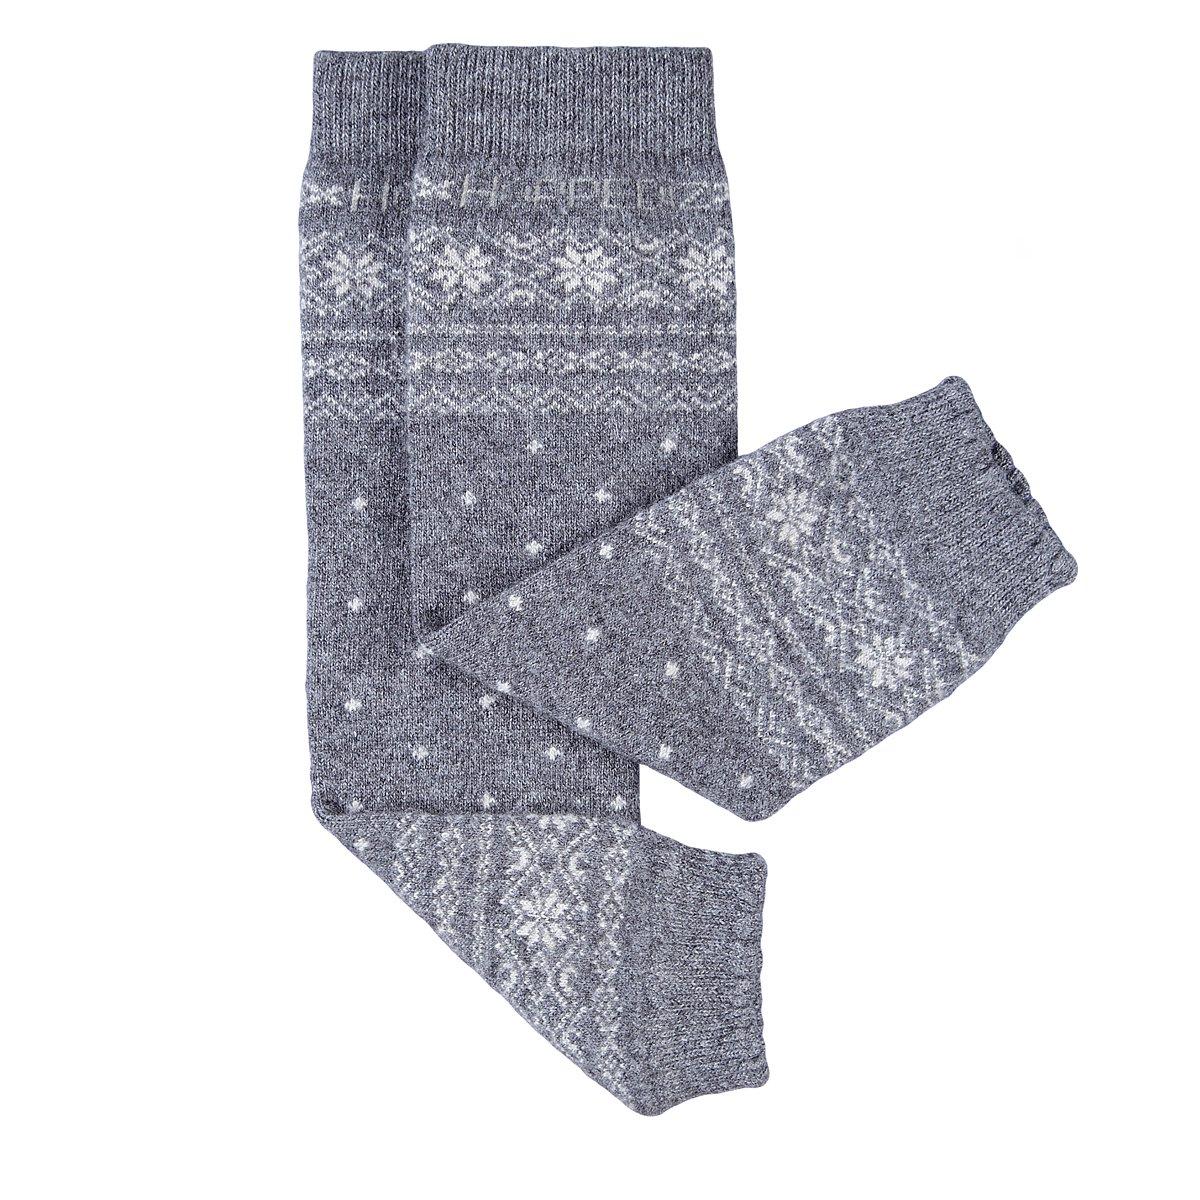 Hoppediz scaldamuscoli in cashmere//lana merino per bambini color grigio norvegese